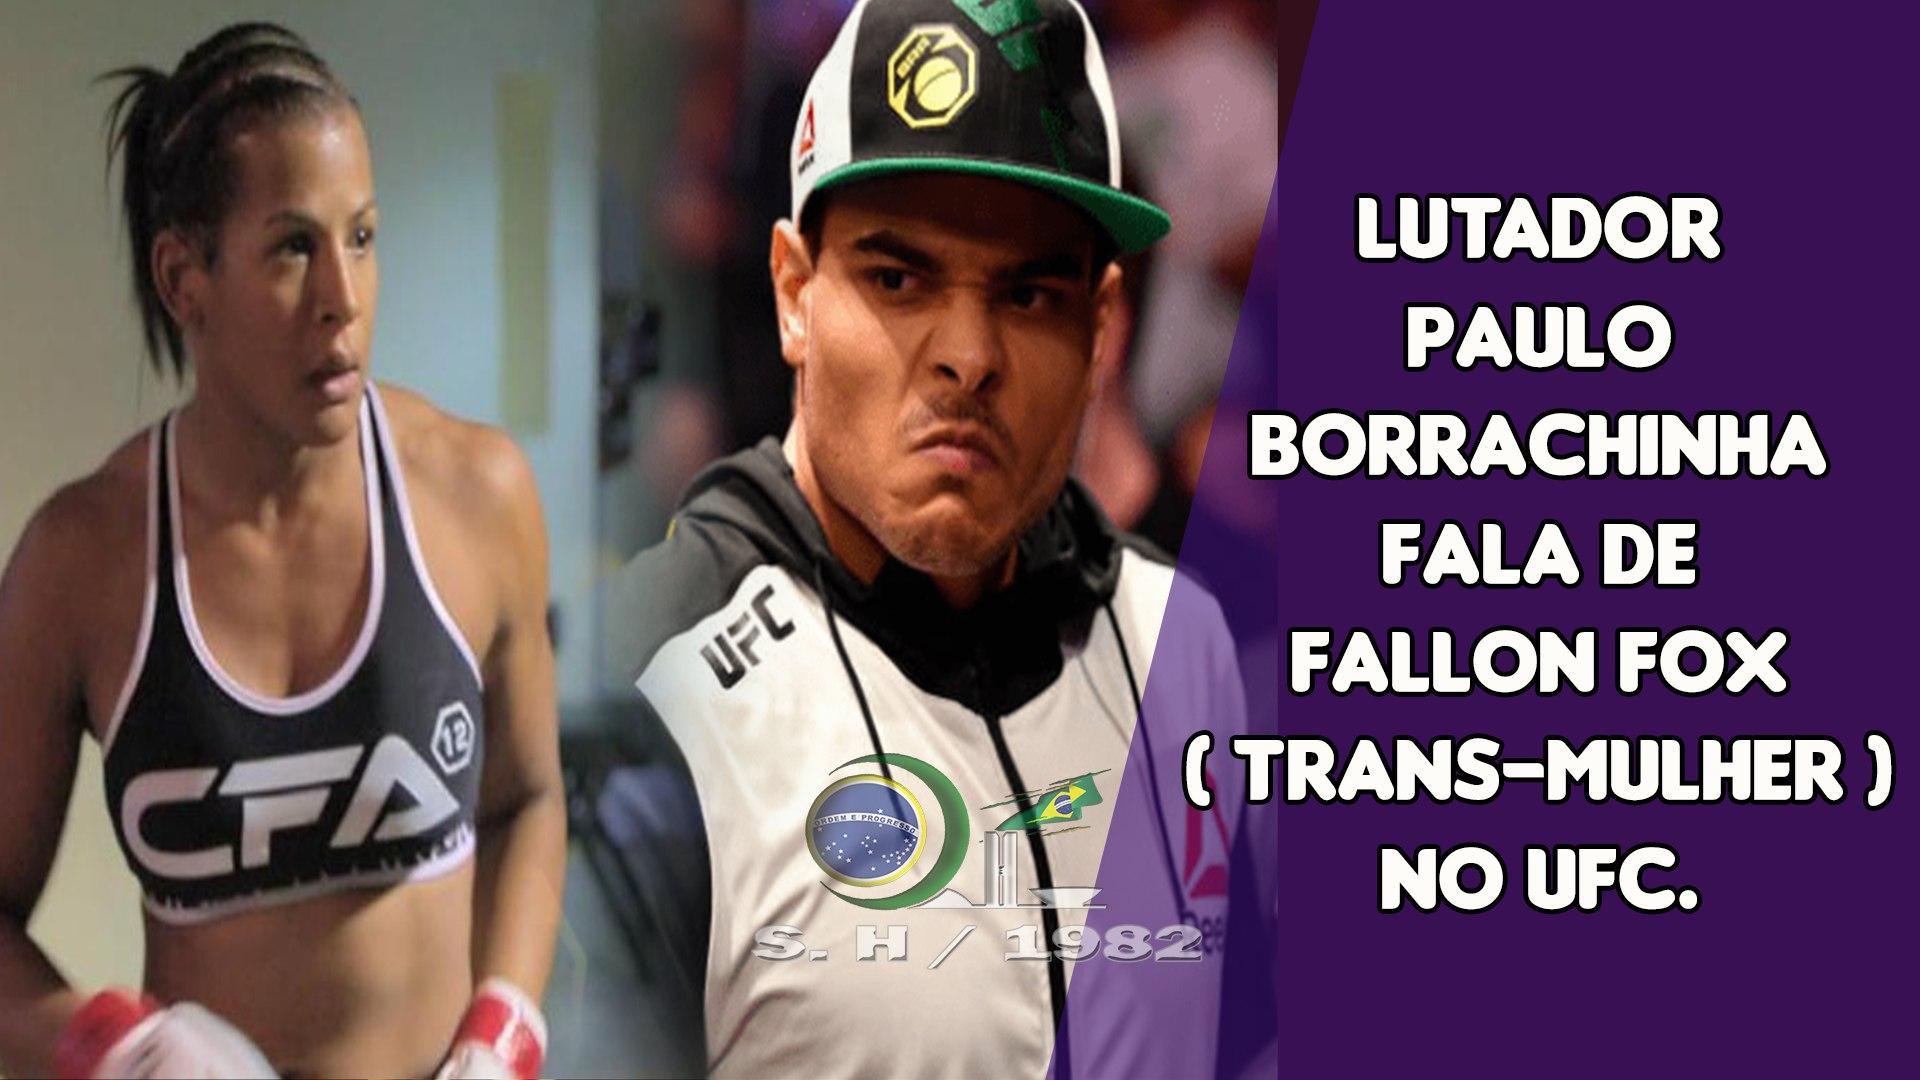 Lutador Paulo Borrachinha fala de Fallon FOX  ( trans-mulher ) no UFC.